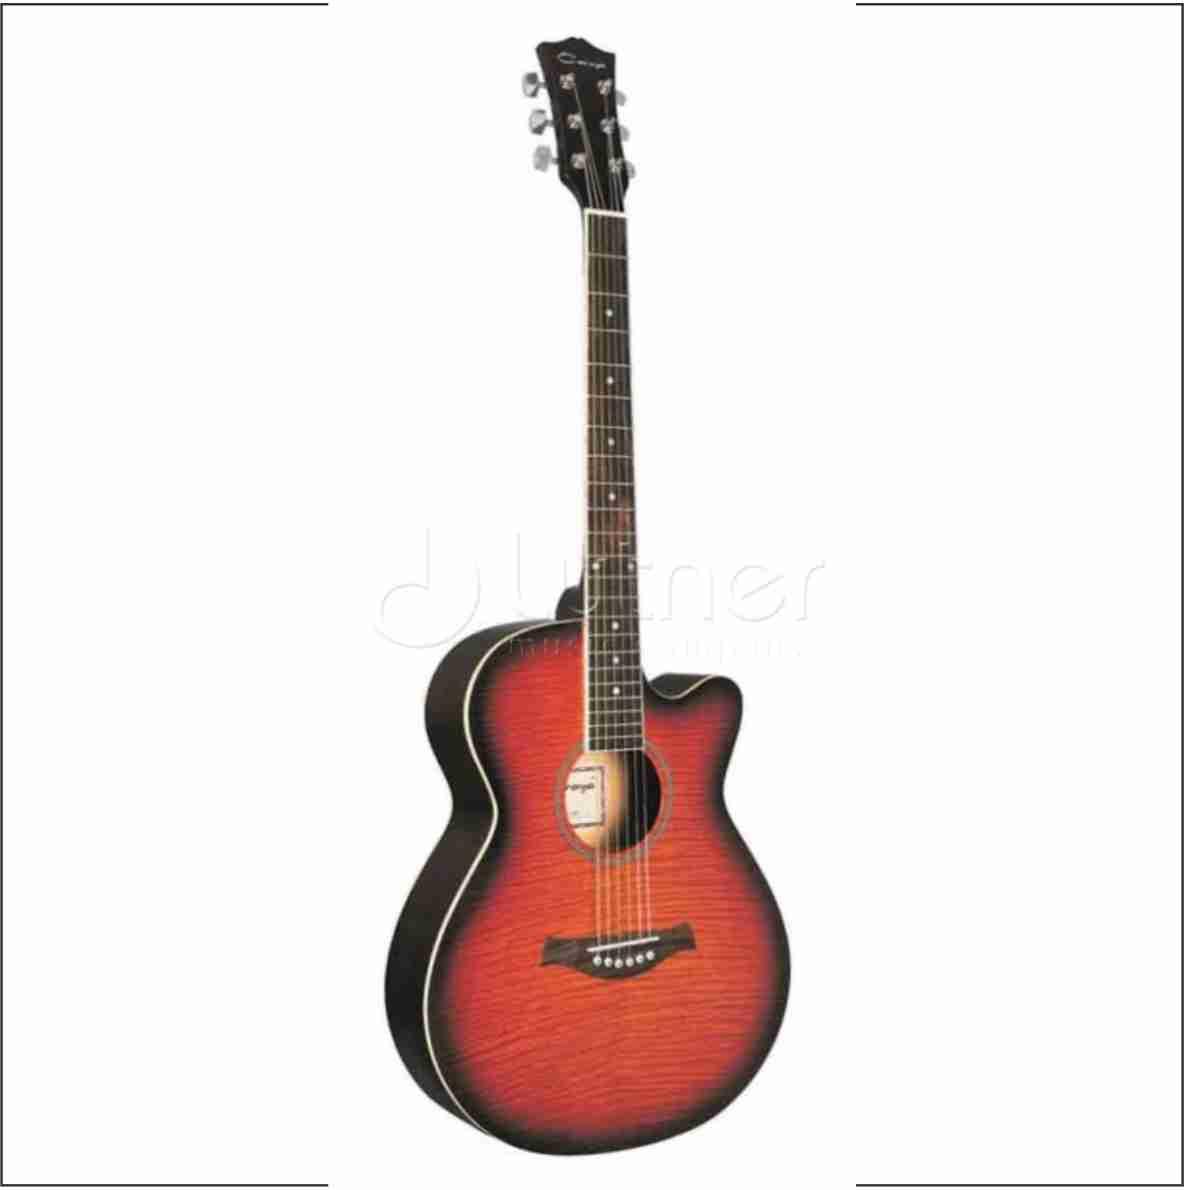 f511-bs-akusticheskaya-folk-gitara-s-vyirezom-40-caraya